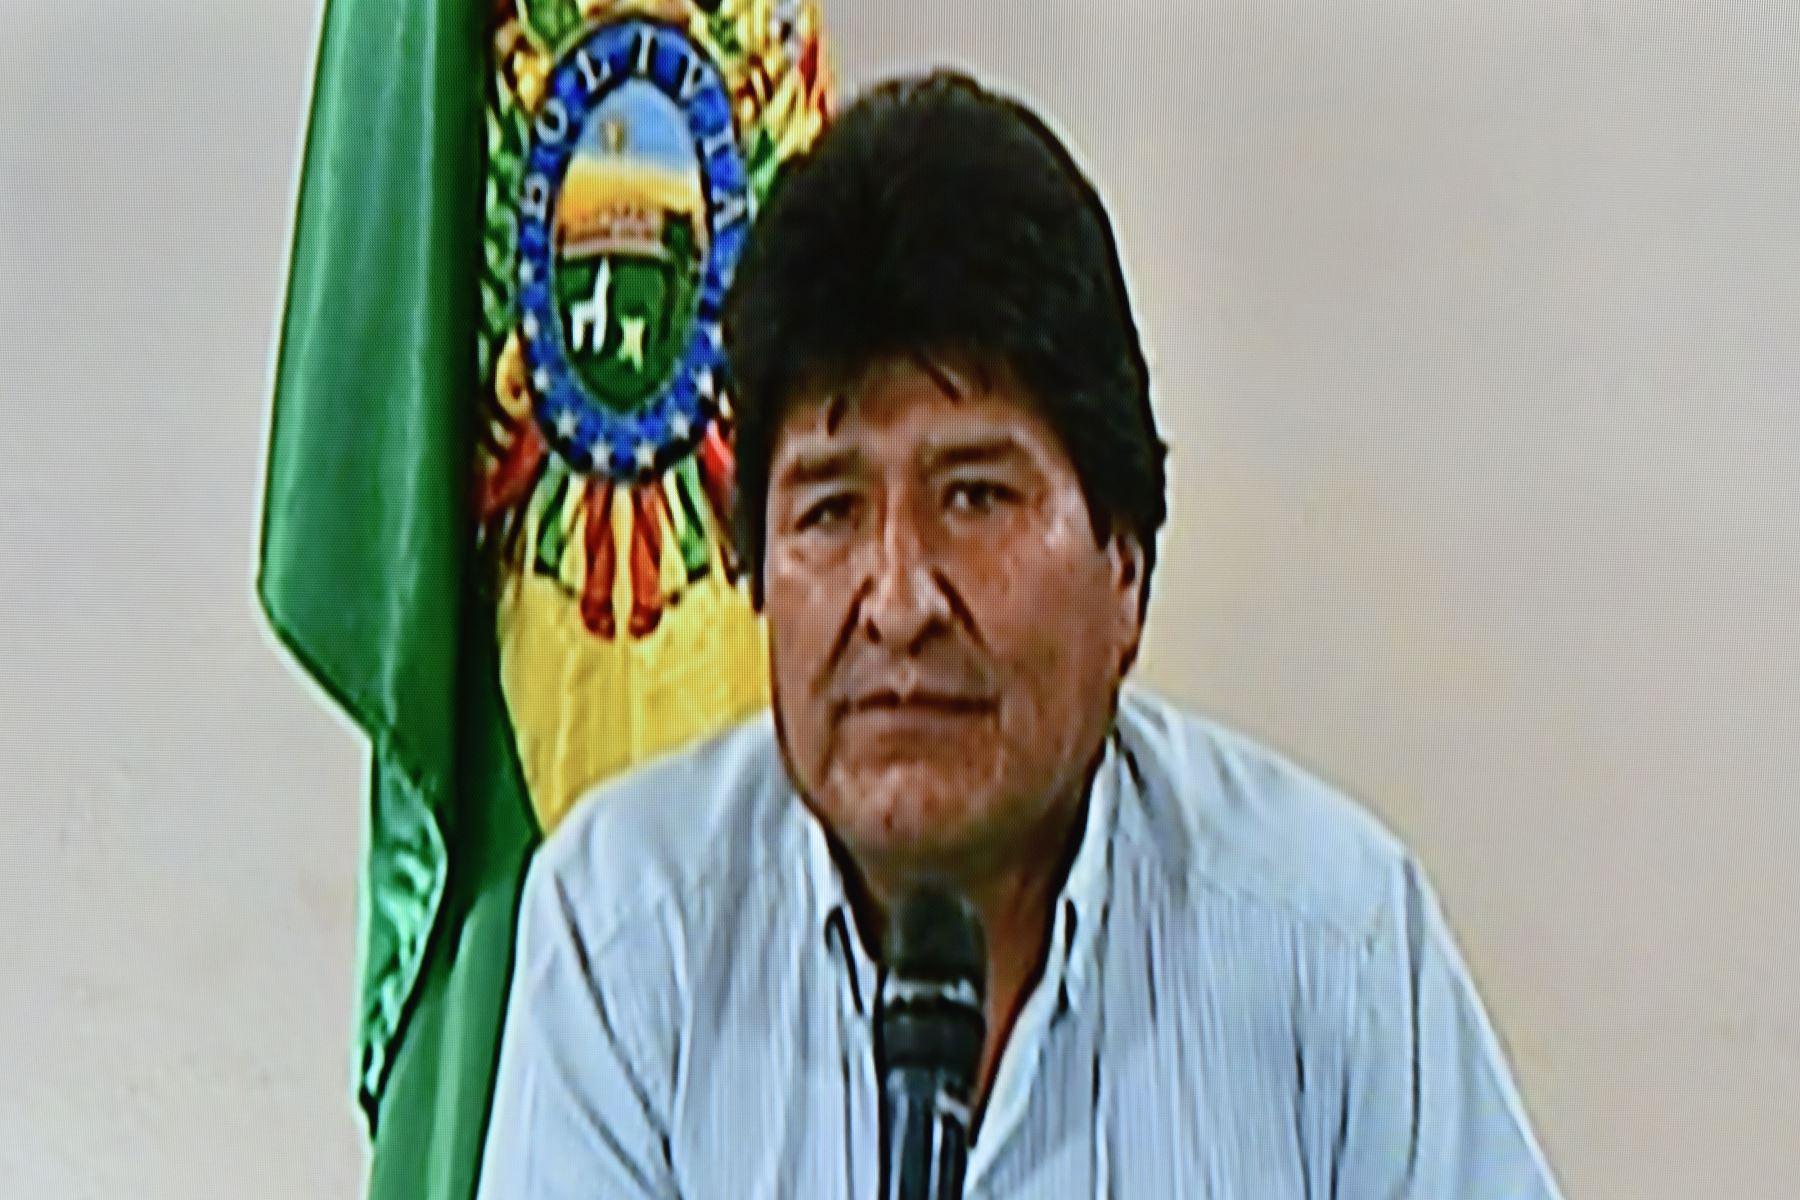 Captura tomada de un video entregado por Bolivia TV que muestra al presidente boliviano Evo Morales anunciando su renuncia en un discurso televisado desde Cochabamba, Bolivia. Foto: AFP